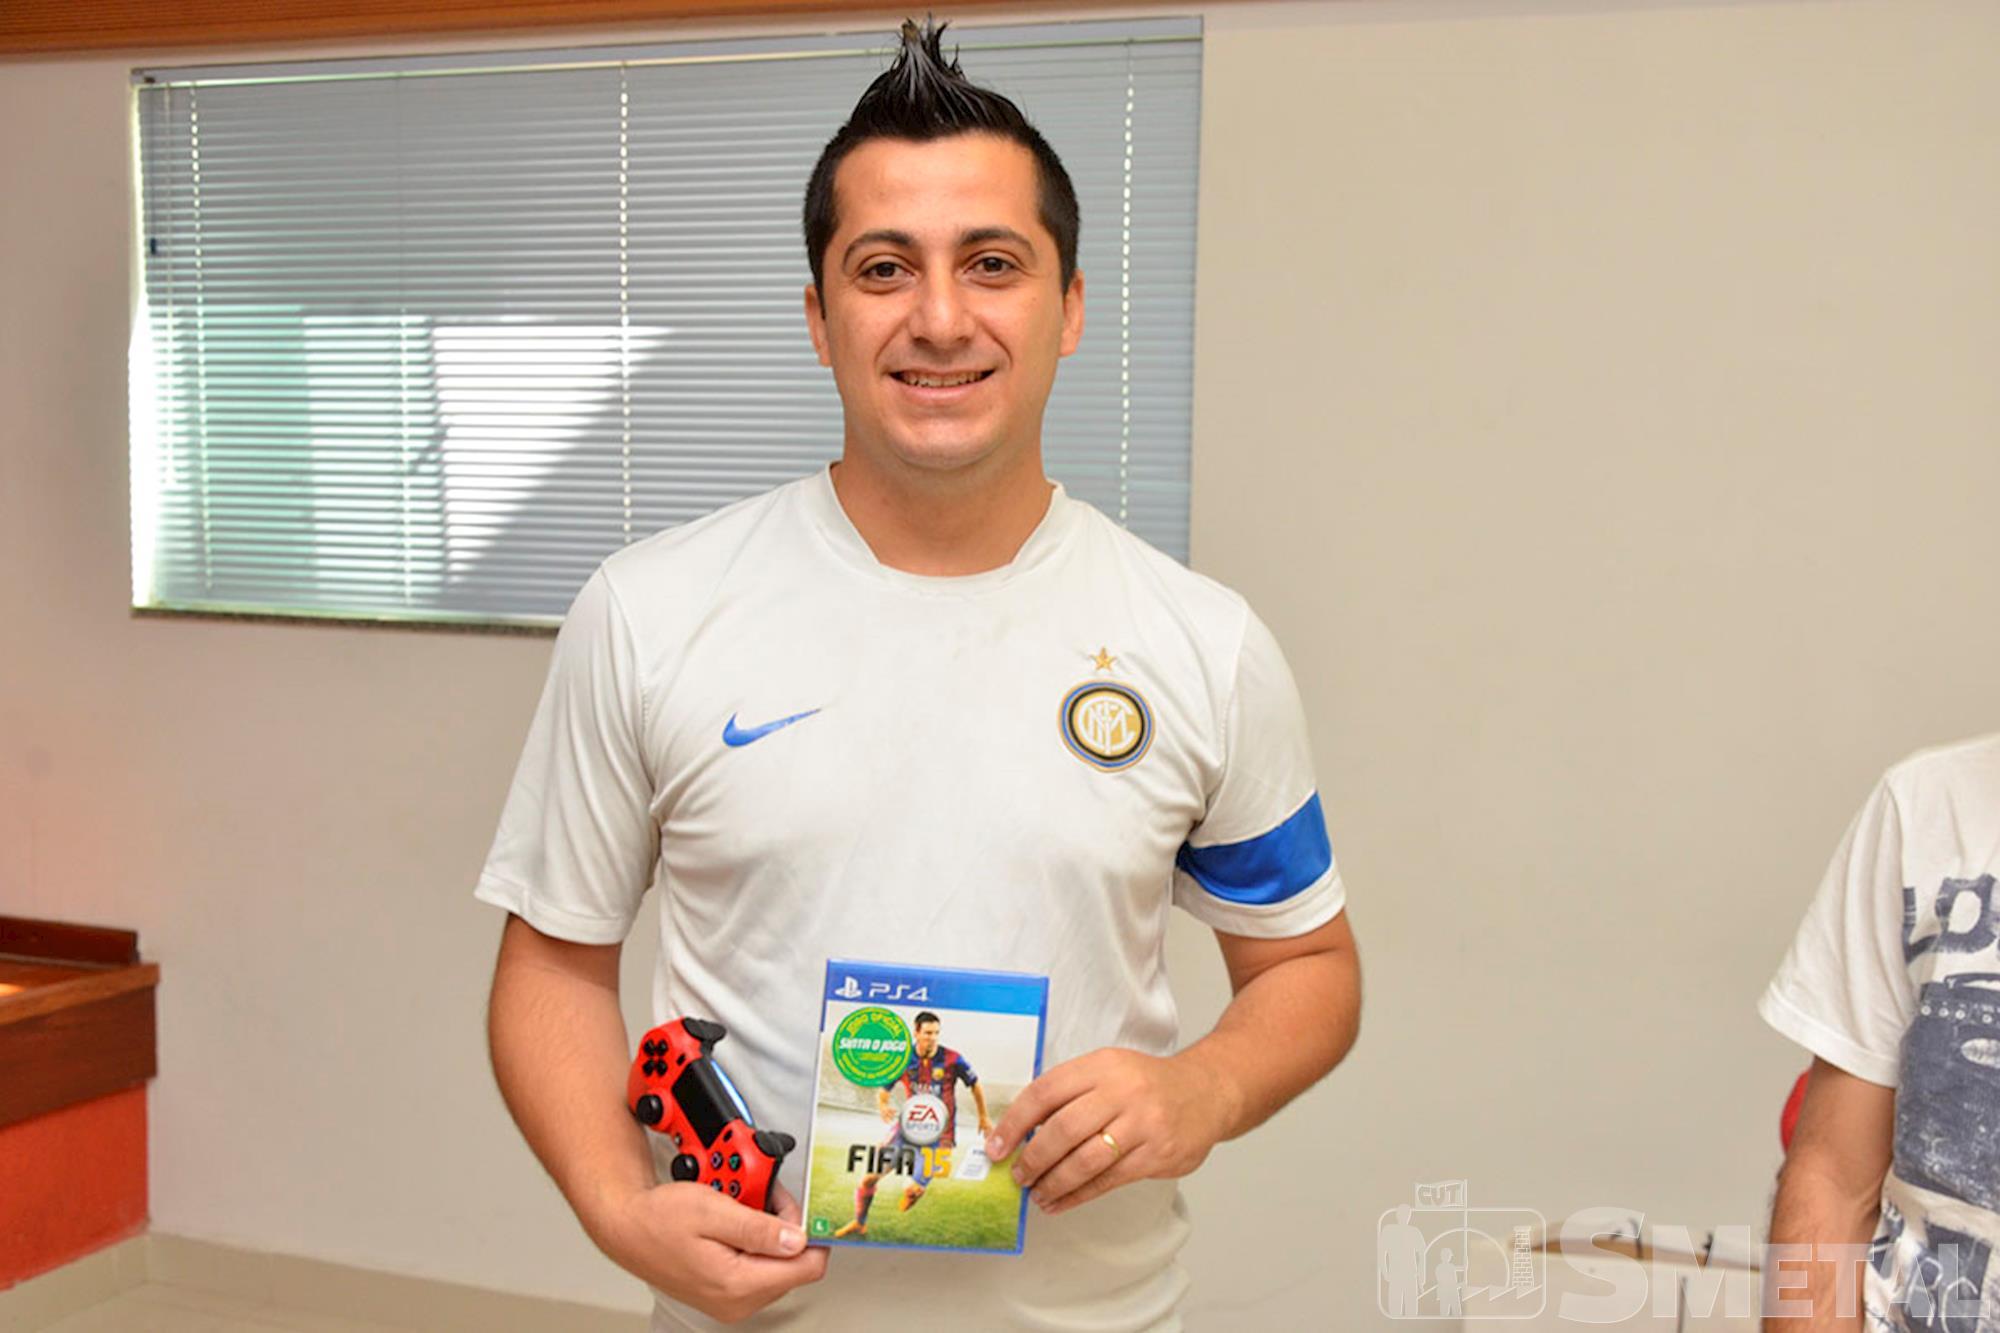 Danilo Rodrigues de Andrade,  metalúrgico da YKK,  ficou em 3º lugar,  ganhou um tablet e também um jogo do PS4,  o FIFA 15,  por ter sido o artilheiro do , Estudante Jean Ferreira é campeão do Futgame